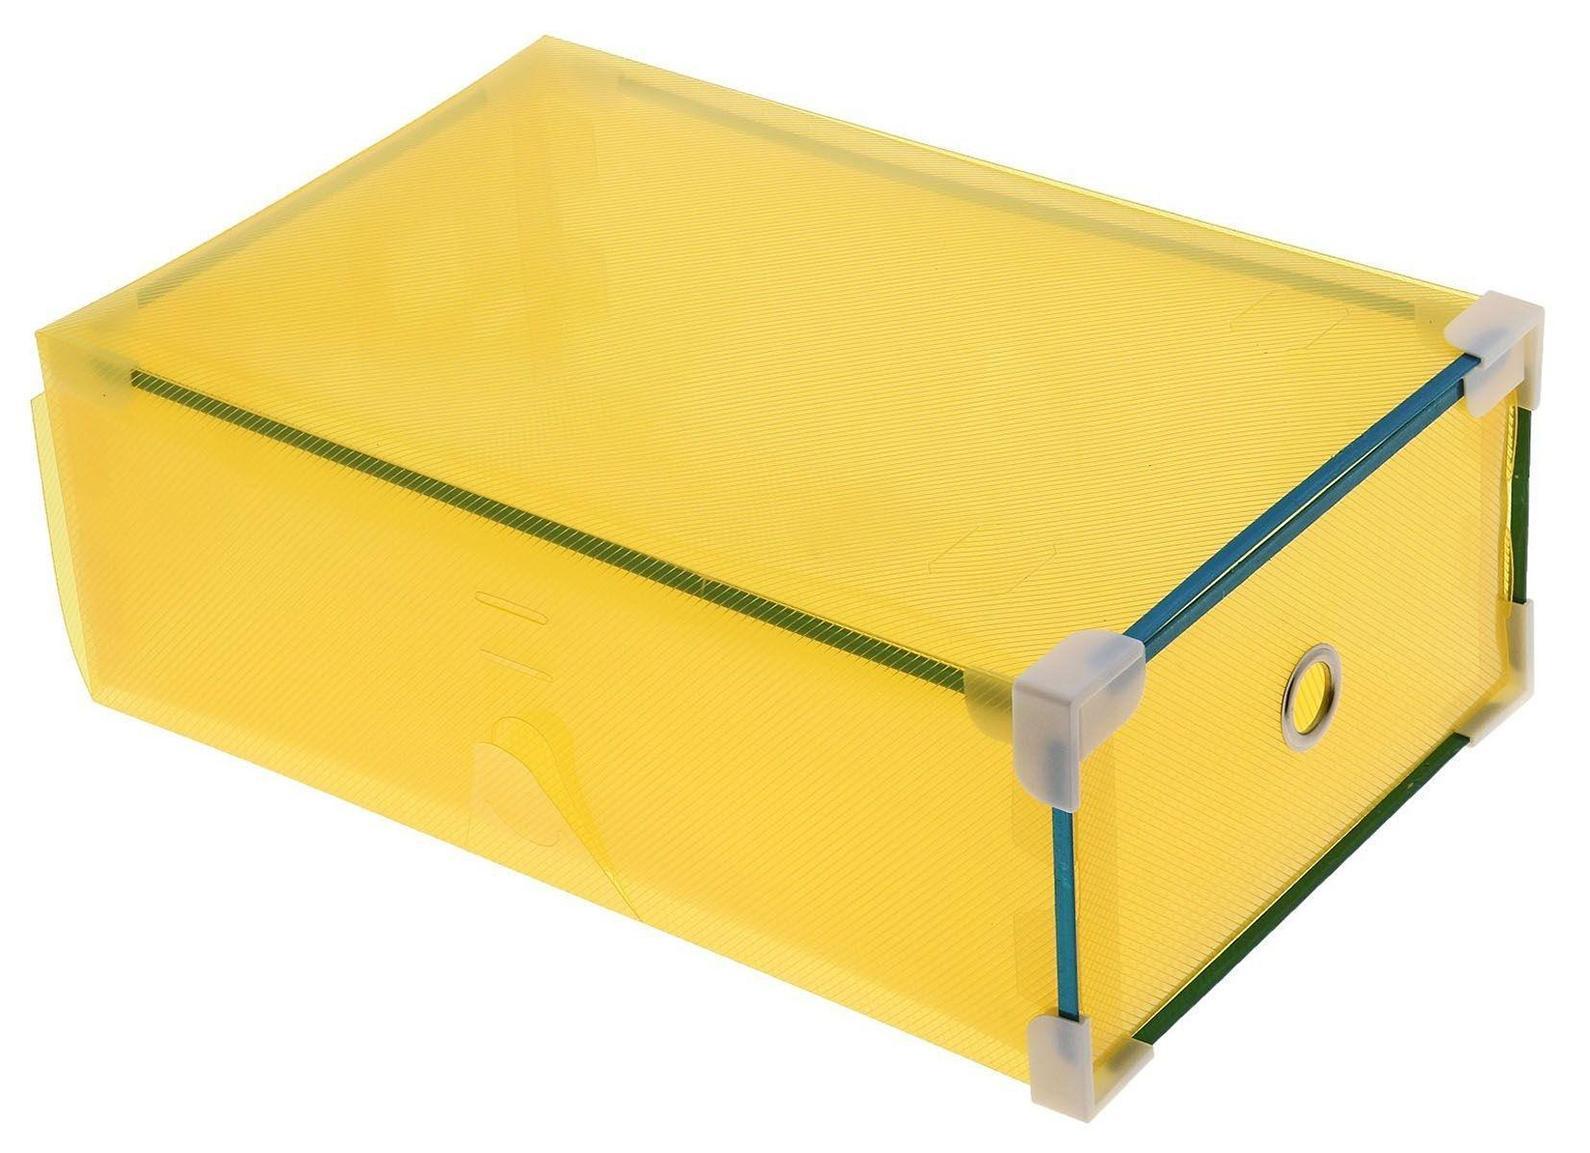 короб для хранения выдвижной 31*19,5*10,5см желтый 709963